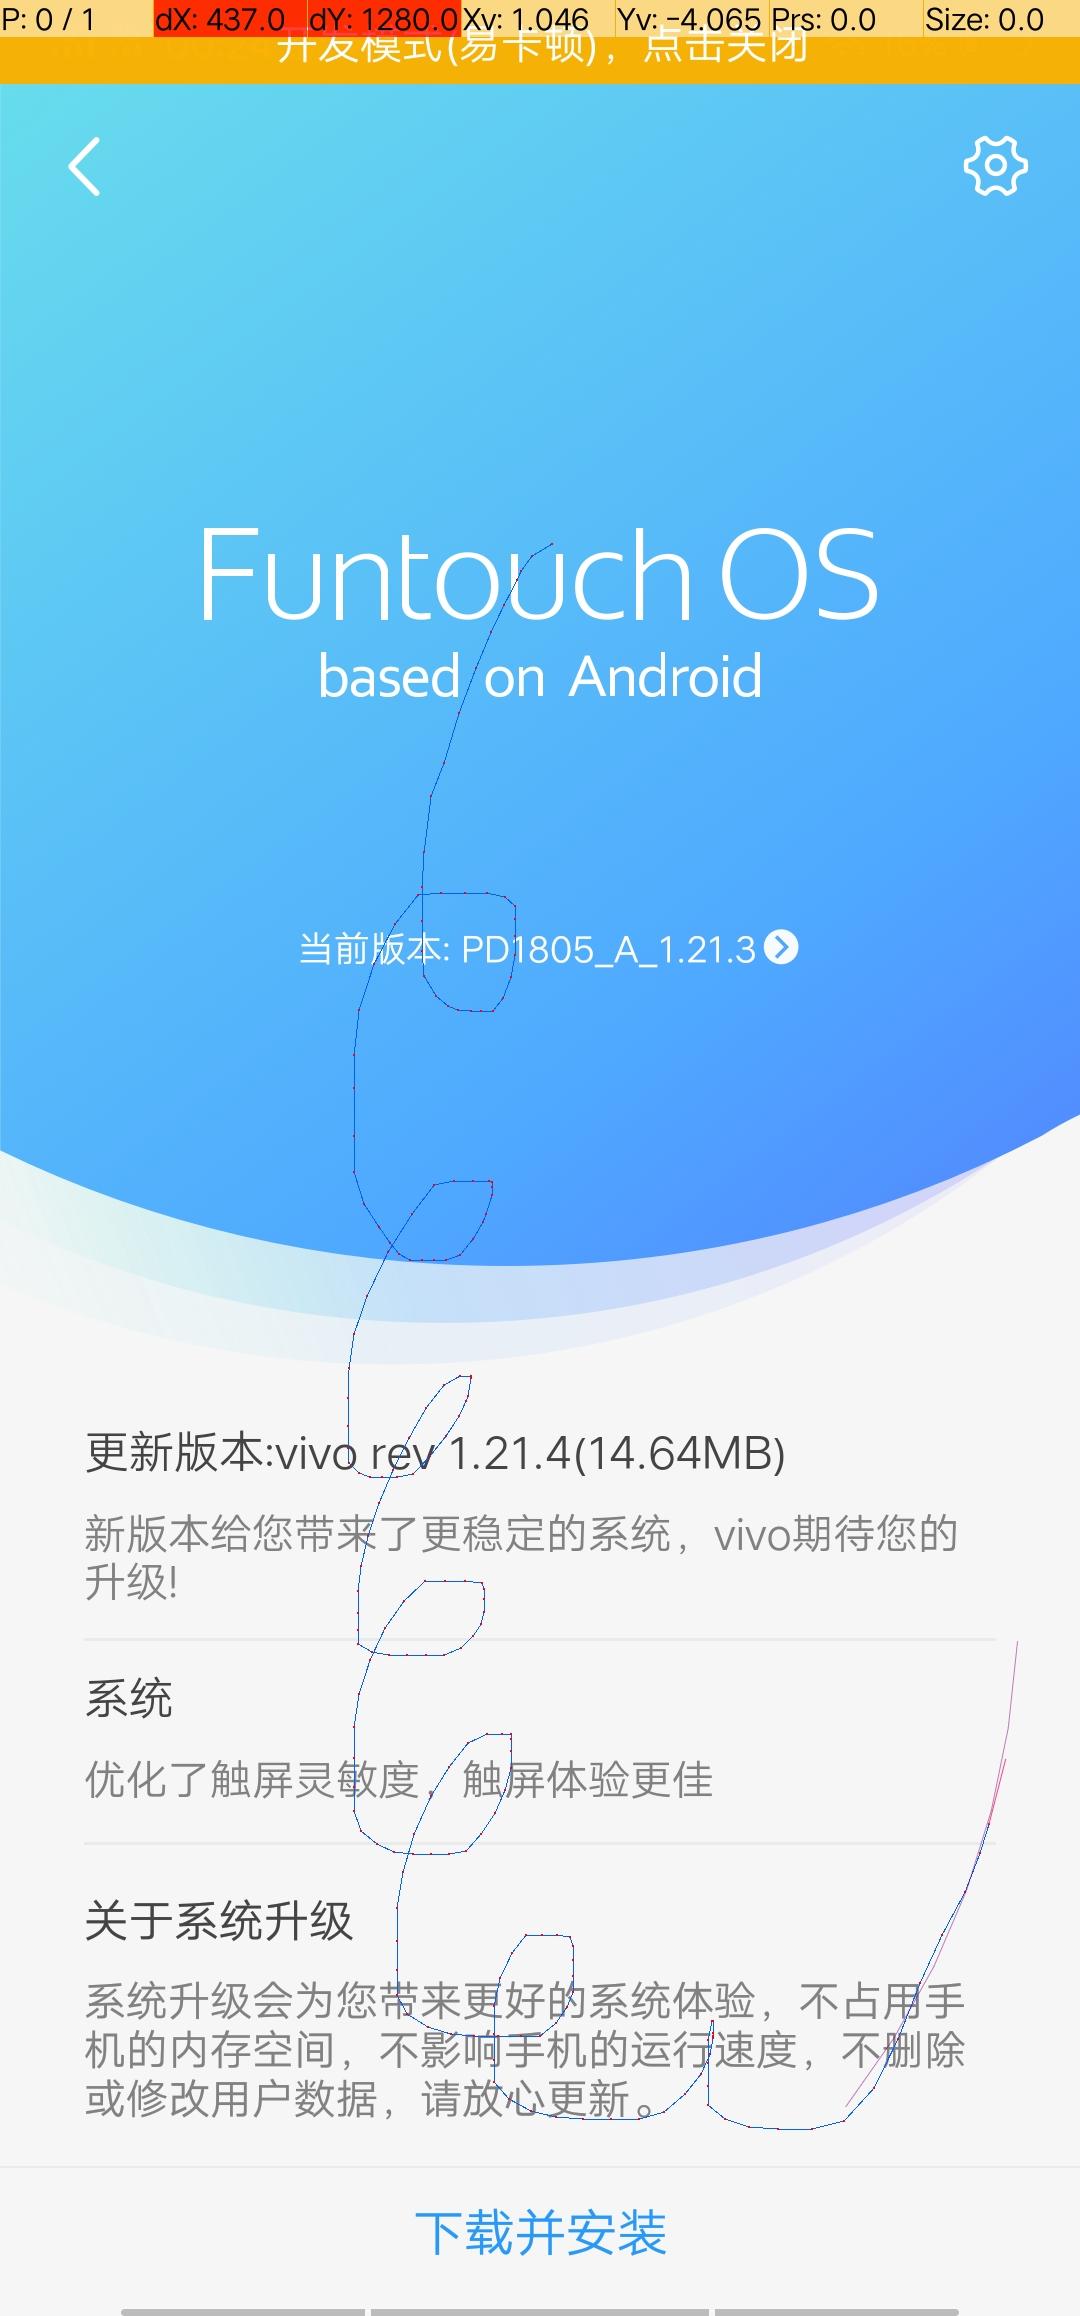 Screenshot_20181110_002415.jpg